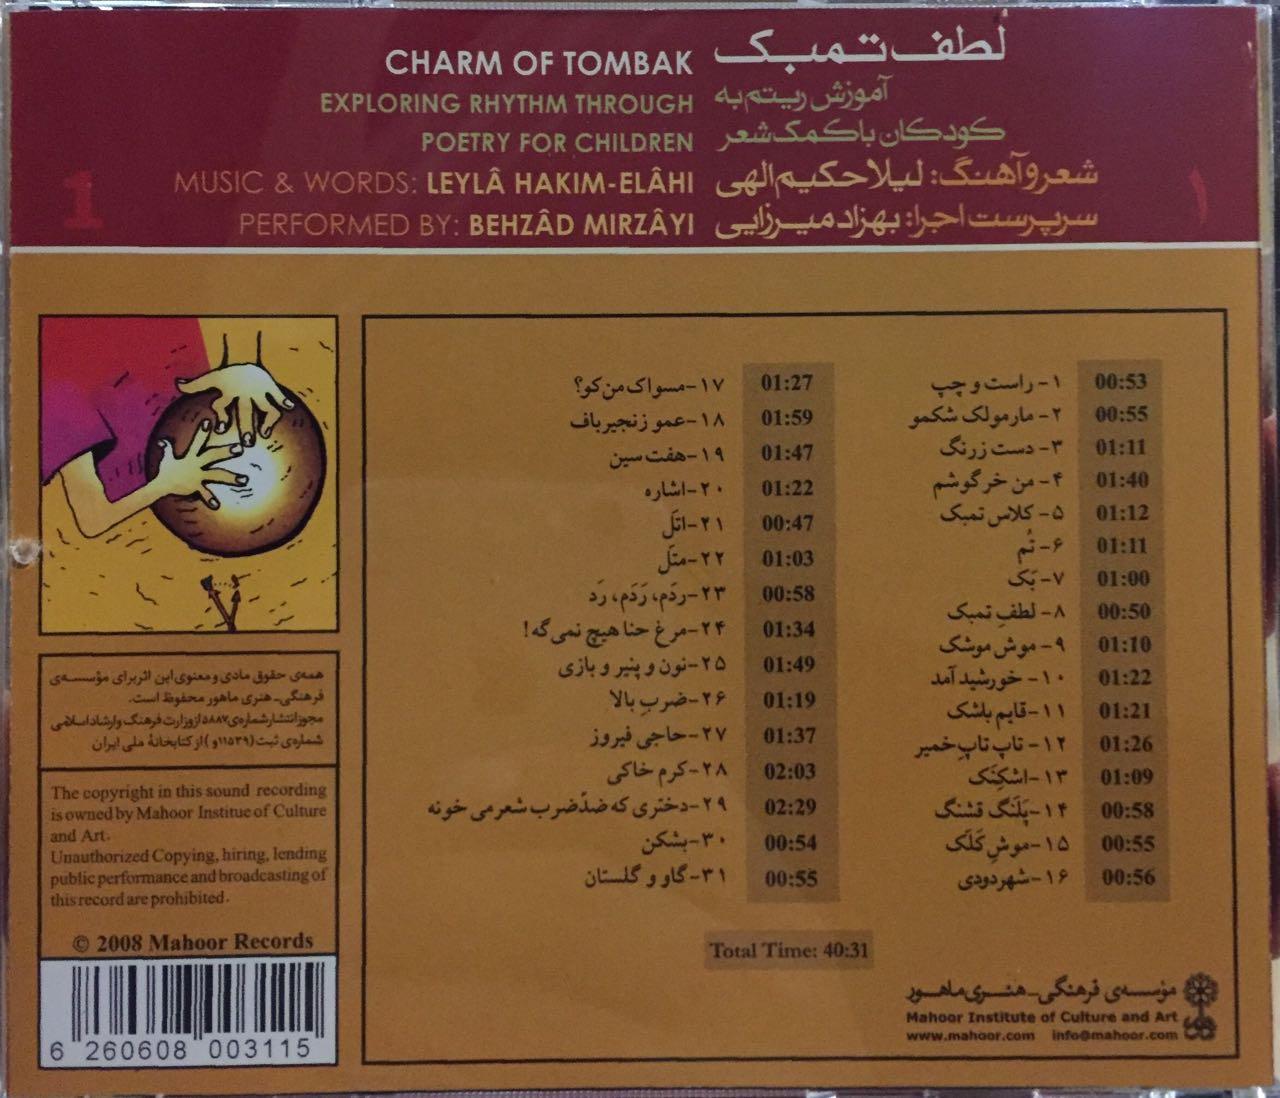 آلبوم لطف تنبک لیلا حکیم الهی فروشگاه آوای همنواز انتشارات ماهور - 7.jpg